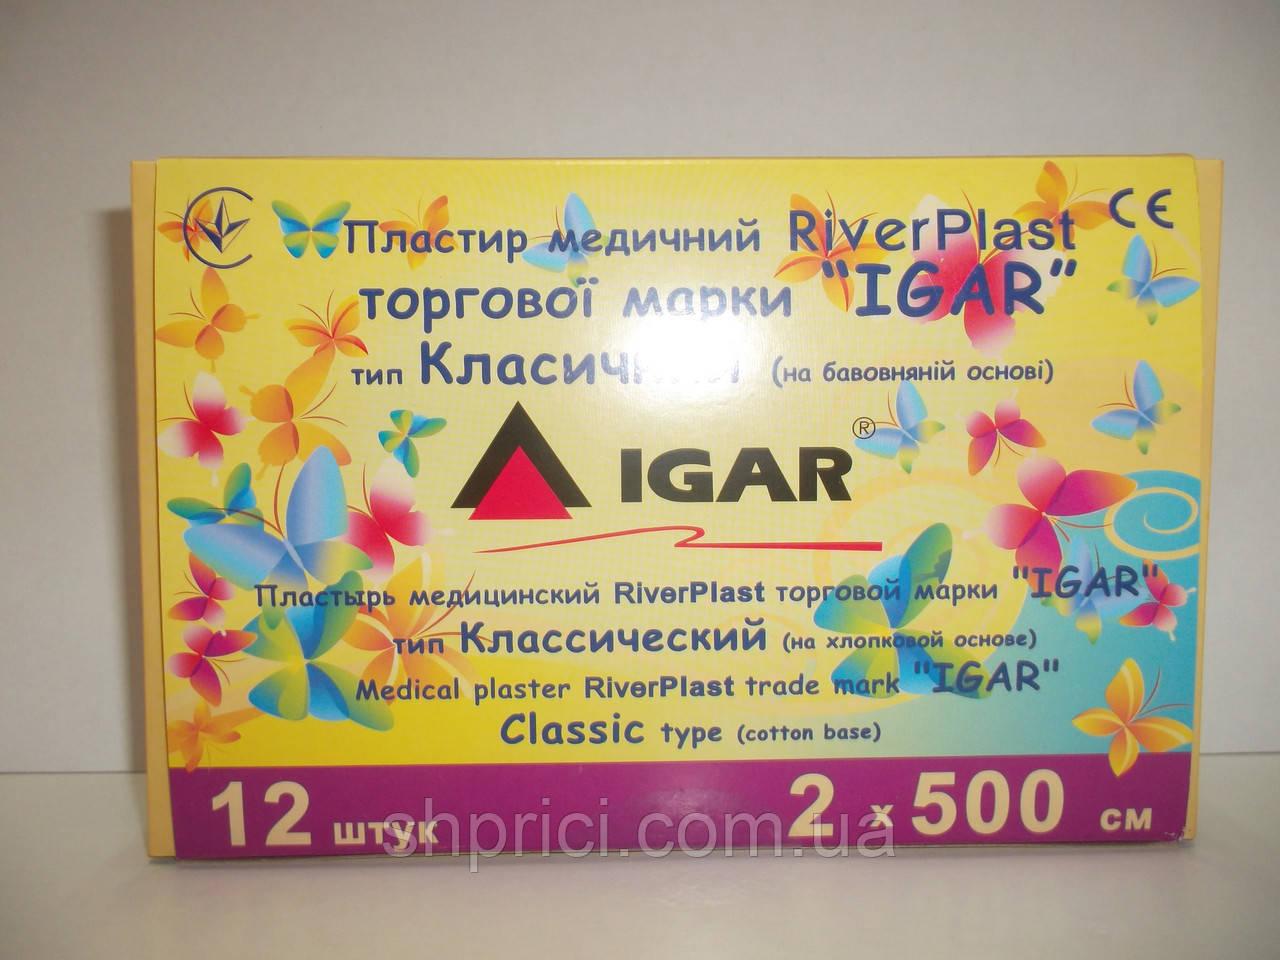 Пластырь 2х500 см на тканевой основе (хлопок)/ RiverPlast / ИГАР